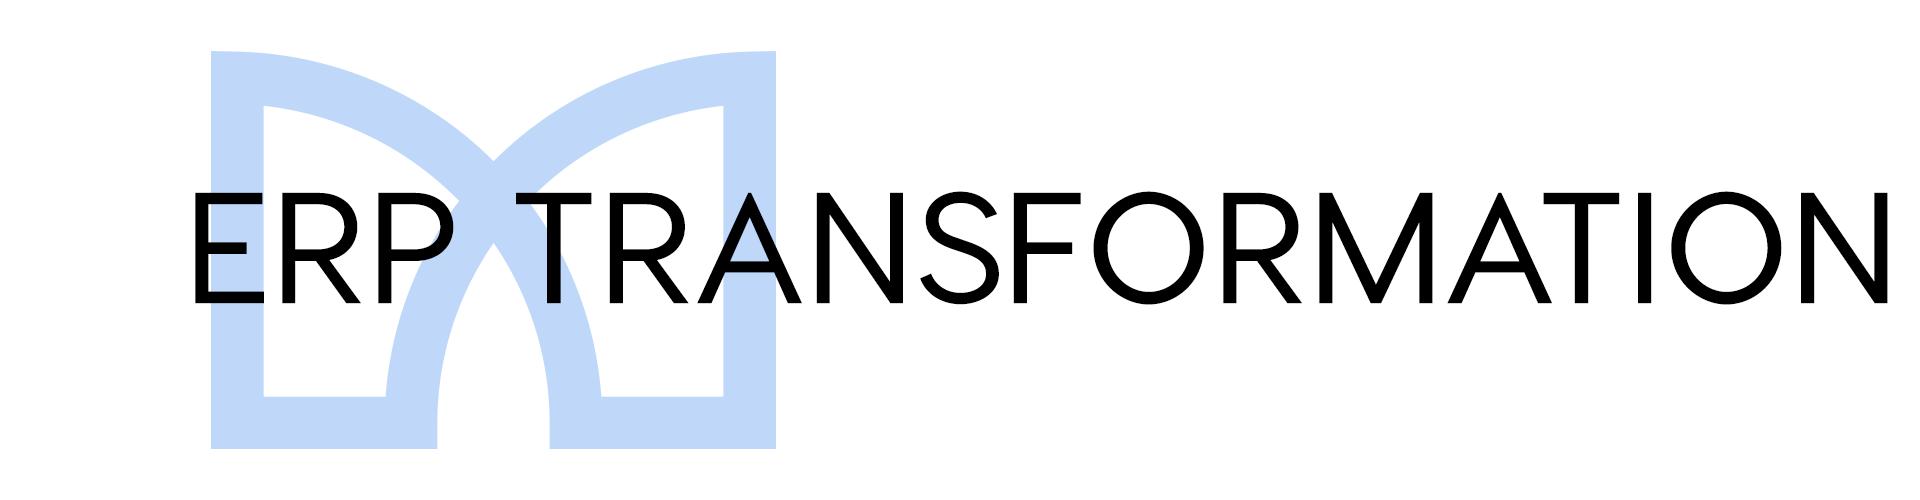 ERP TRANSFORMATION